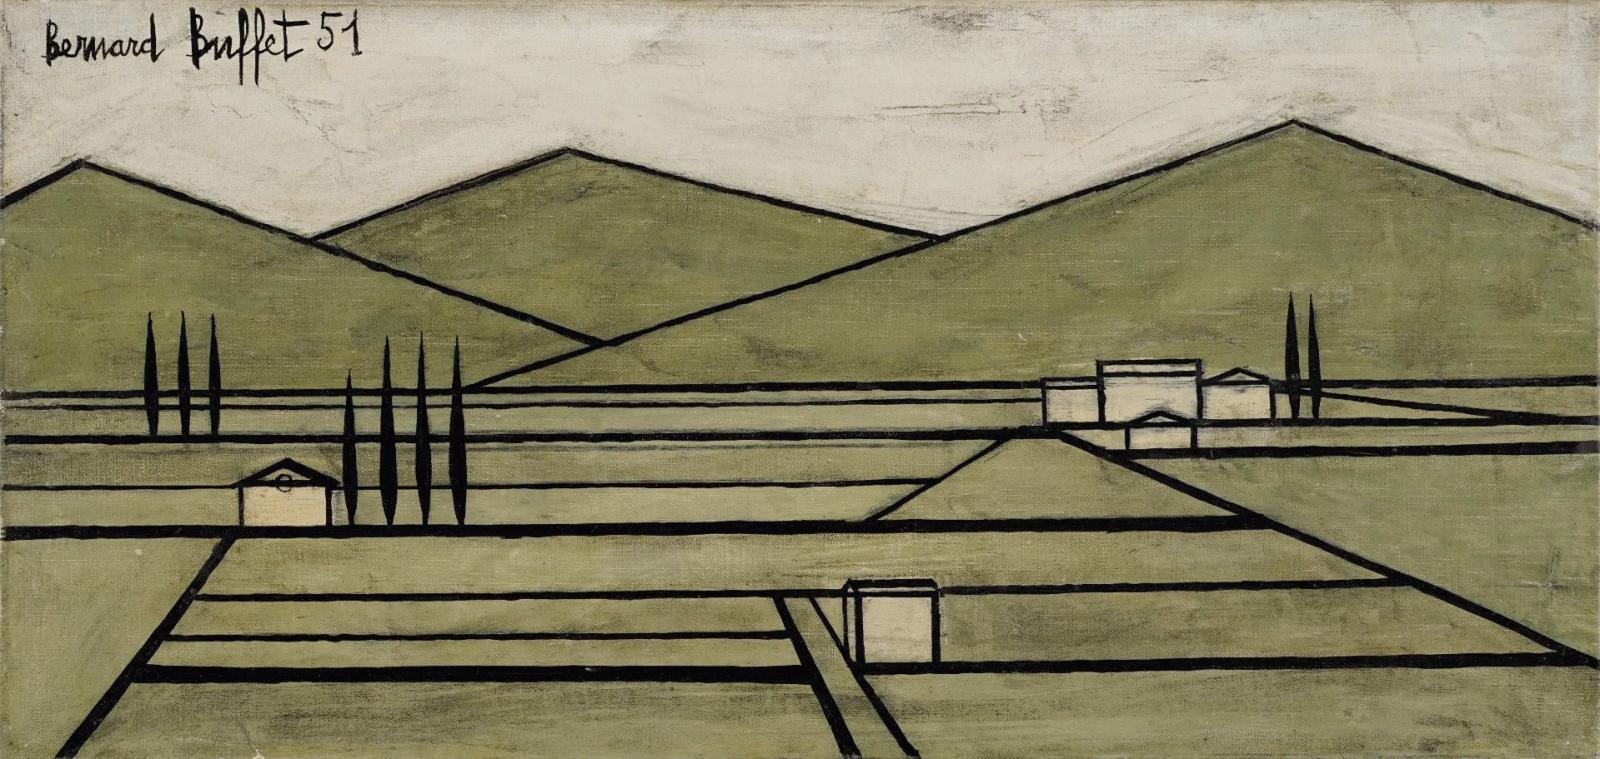 Bernard Buffet (1928-1999), Paysage du Vaucluse II (Vaucluse landscape II), 1951, oil on canvas, 24 x 50 cm/9.5 x 19.7 in.Estimate: €18,00